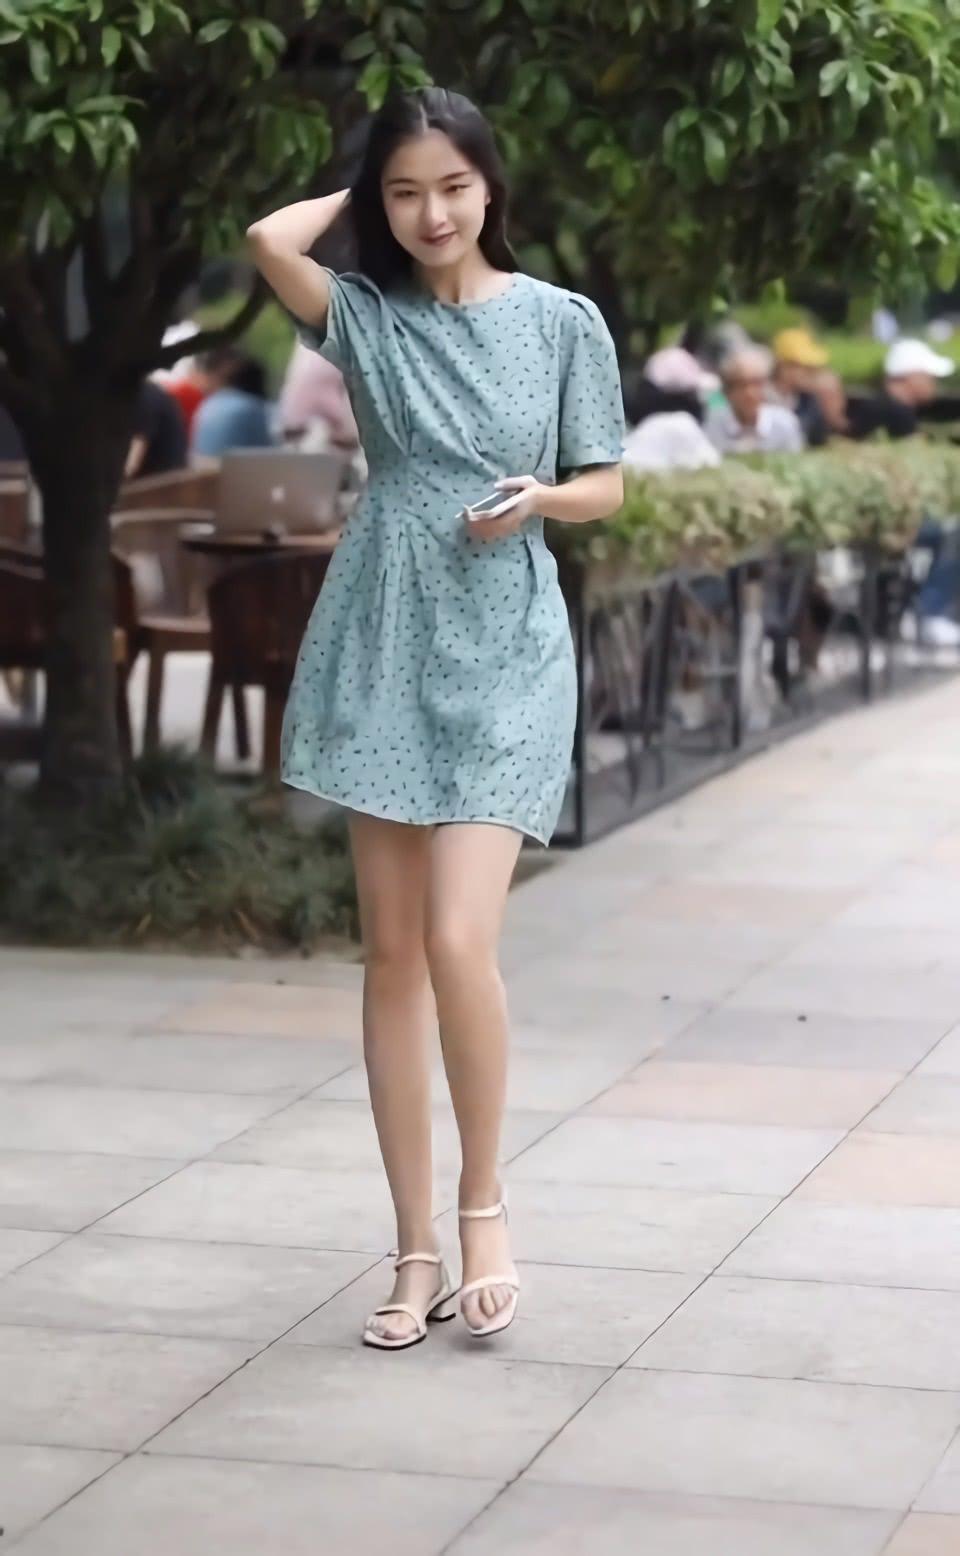 夏天穿连衣裙别搭帆布鞋了,太热!不如搭配凉鞋,清爽又好看